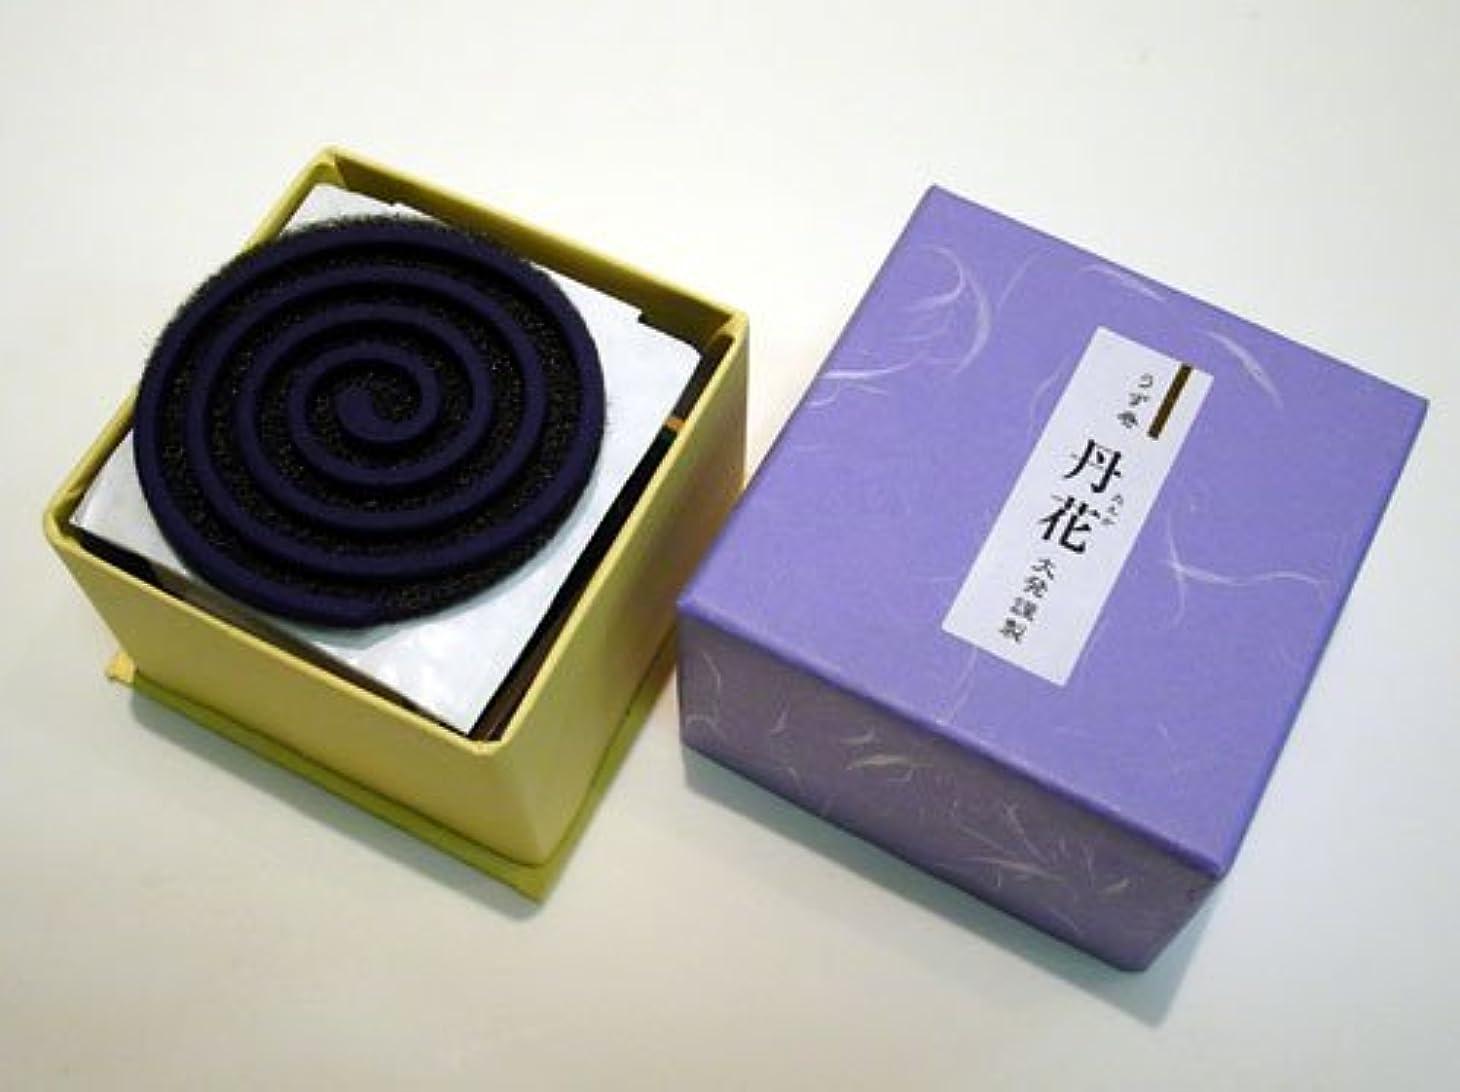 レザーバケットバスタブ甘酸っぱいエキゾチックな香り 「うず巻丹花(たんか)紫」 大発【お香】